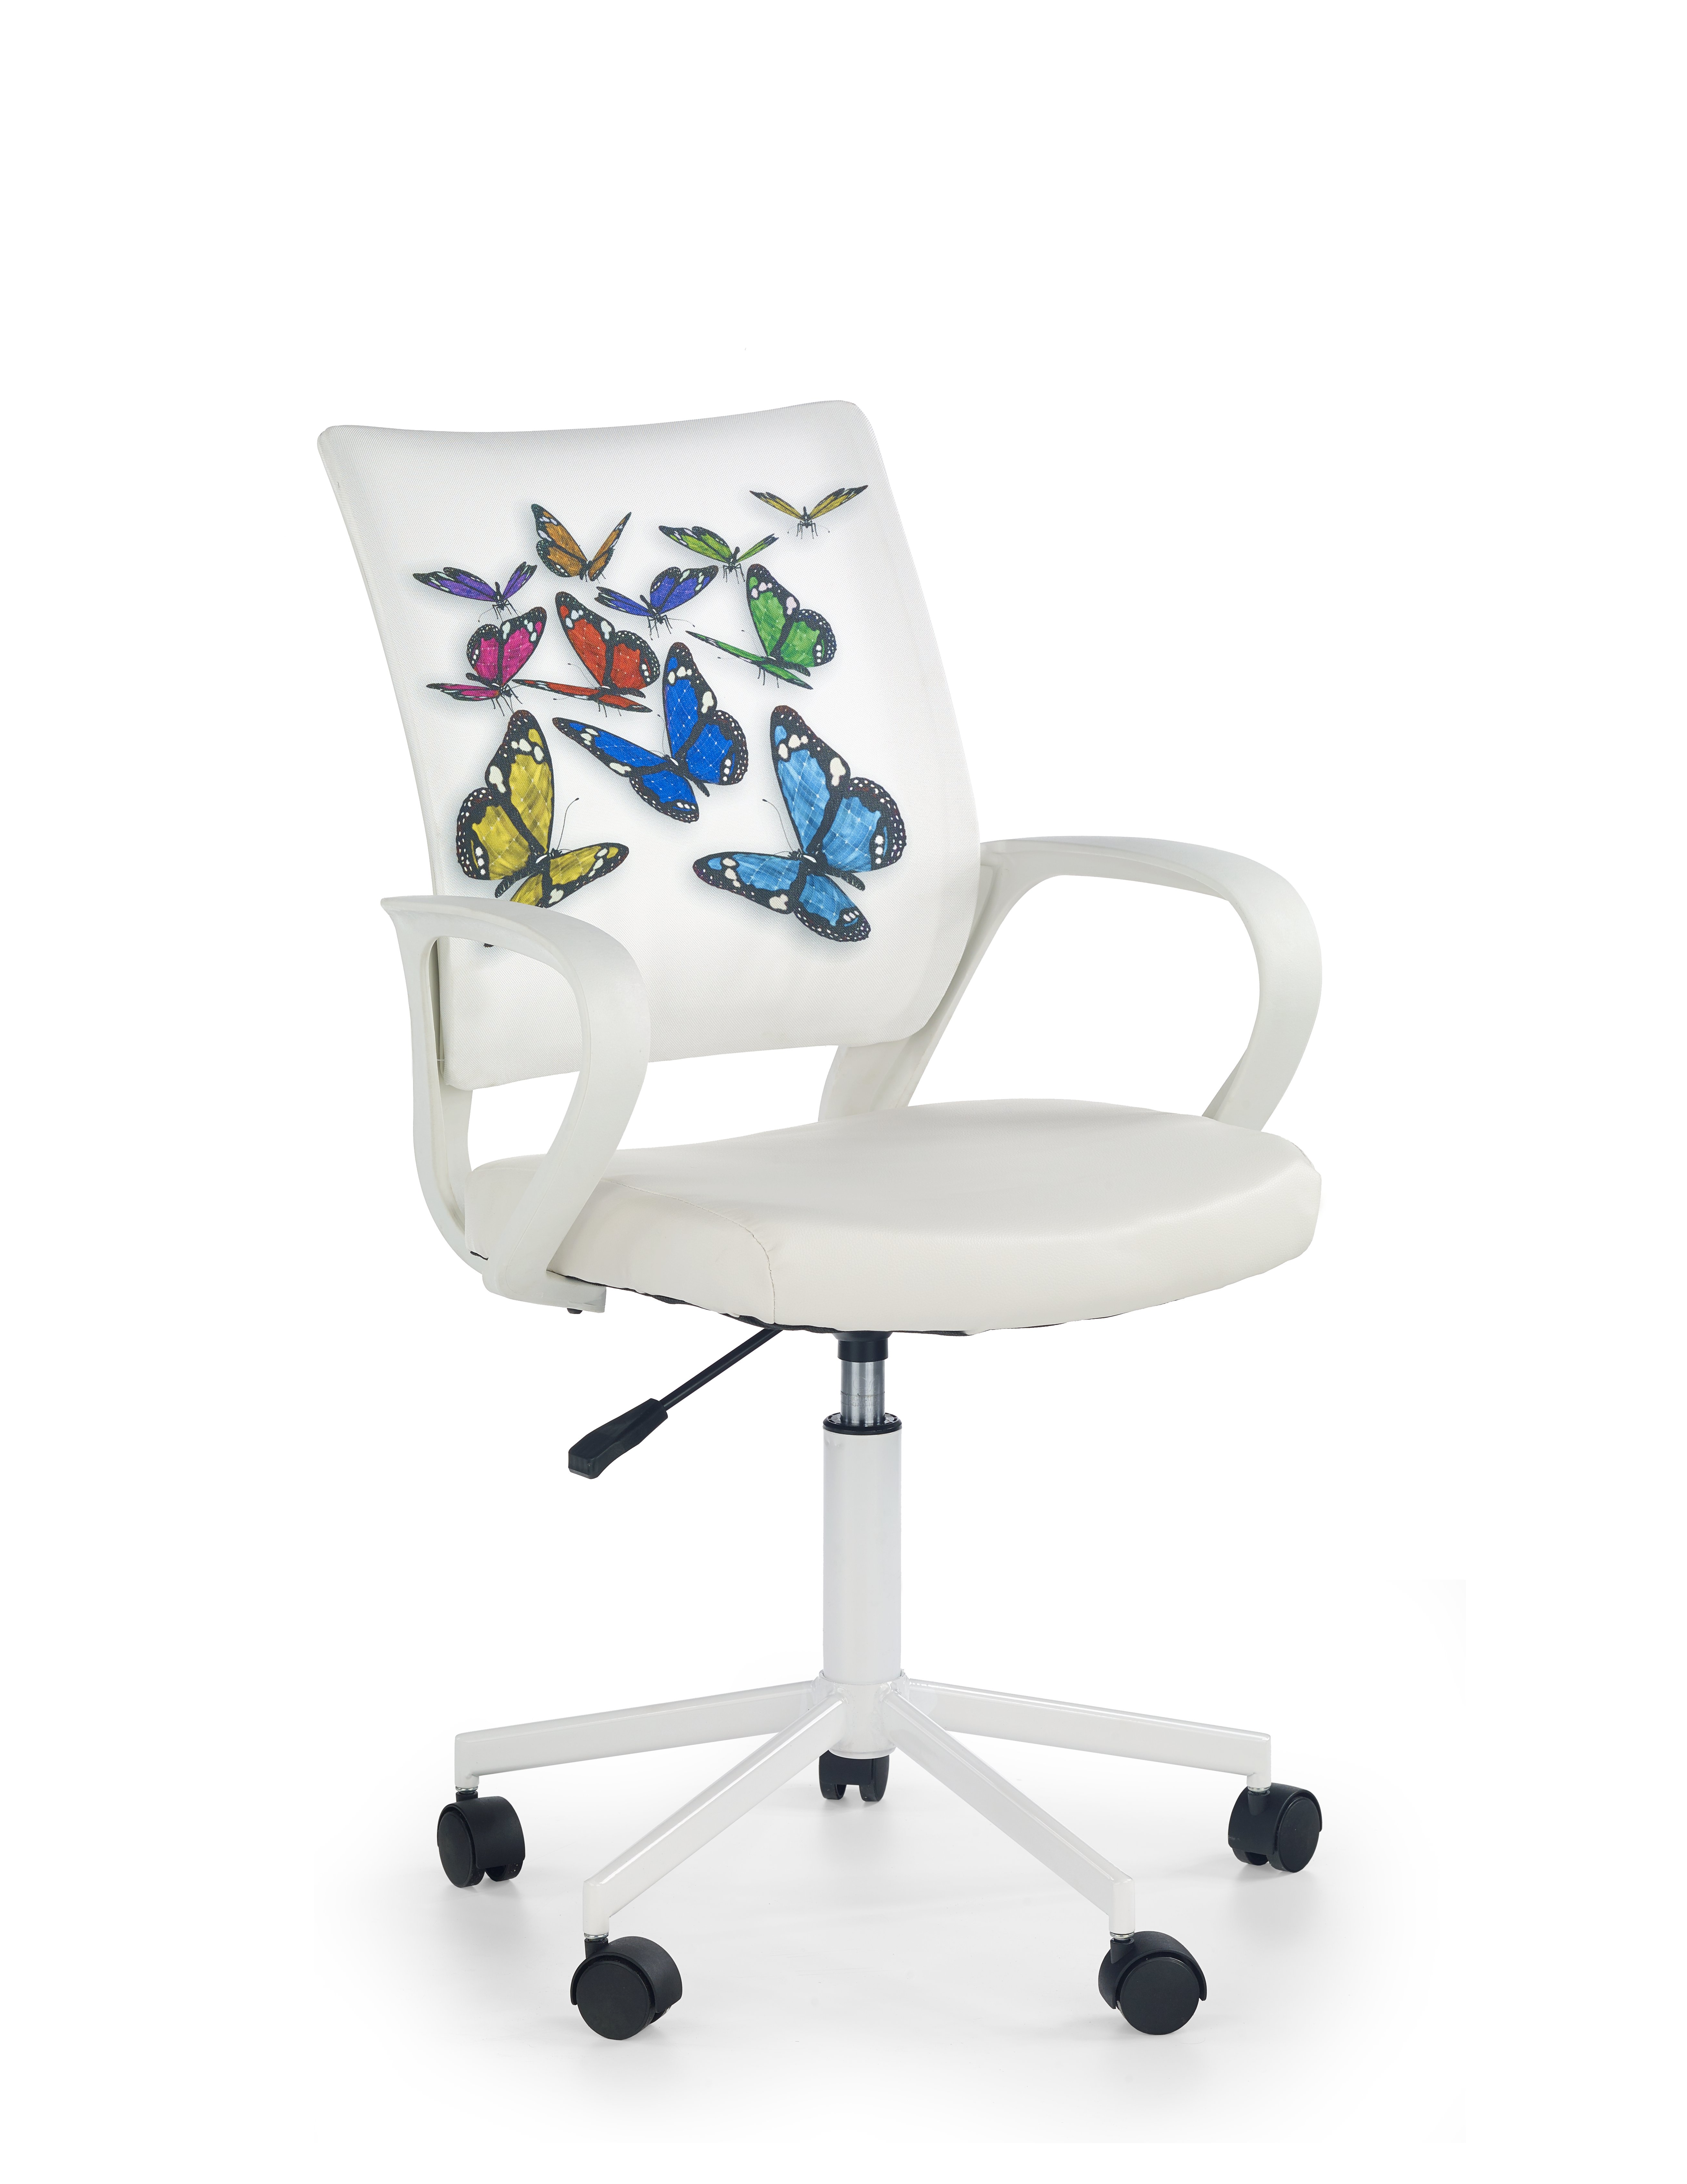 Detská stolička - Halmar - Ibis Butterfly. Sme autorizovaný predajca Halmar. Vlastná spoľahlivá doprava až k Vám domov.